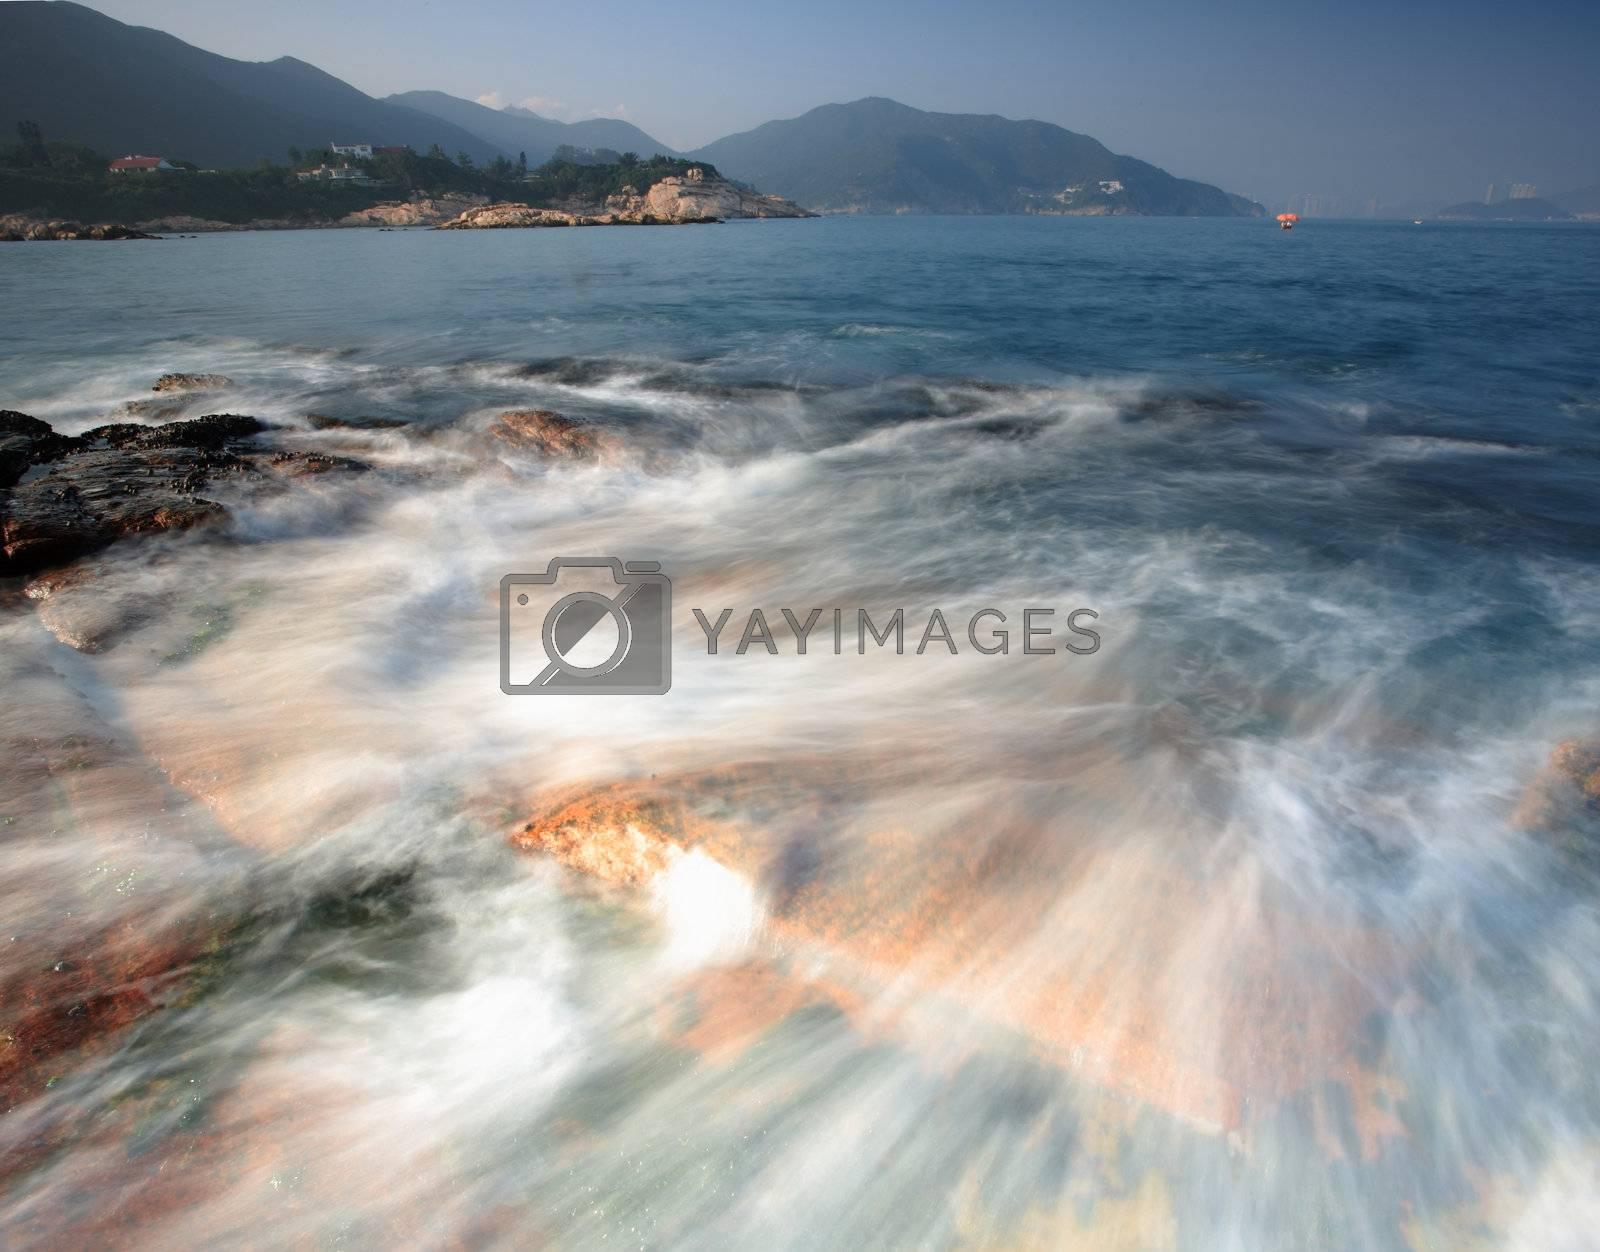 Beautiful waves at coast by leungchopan